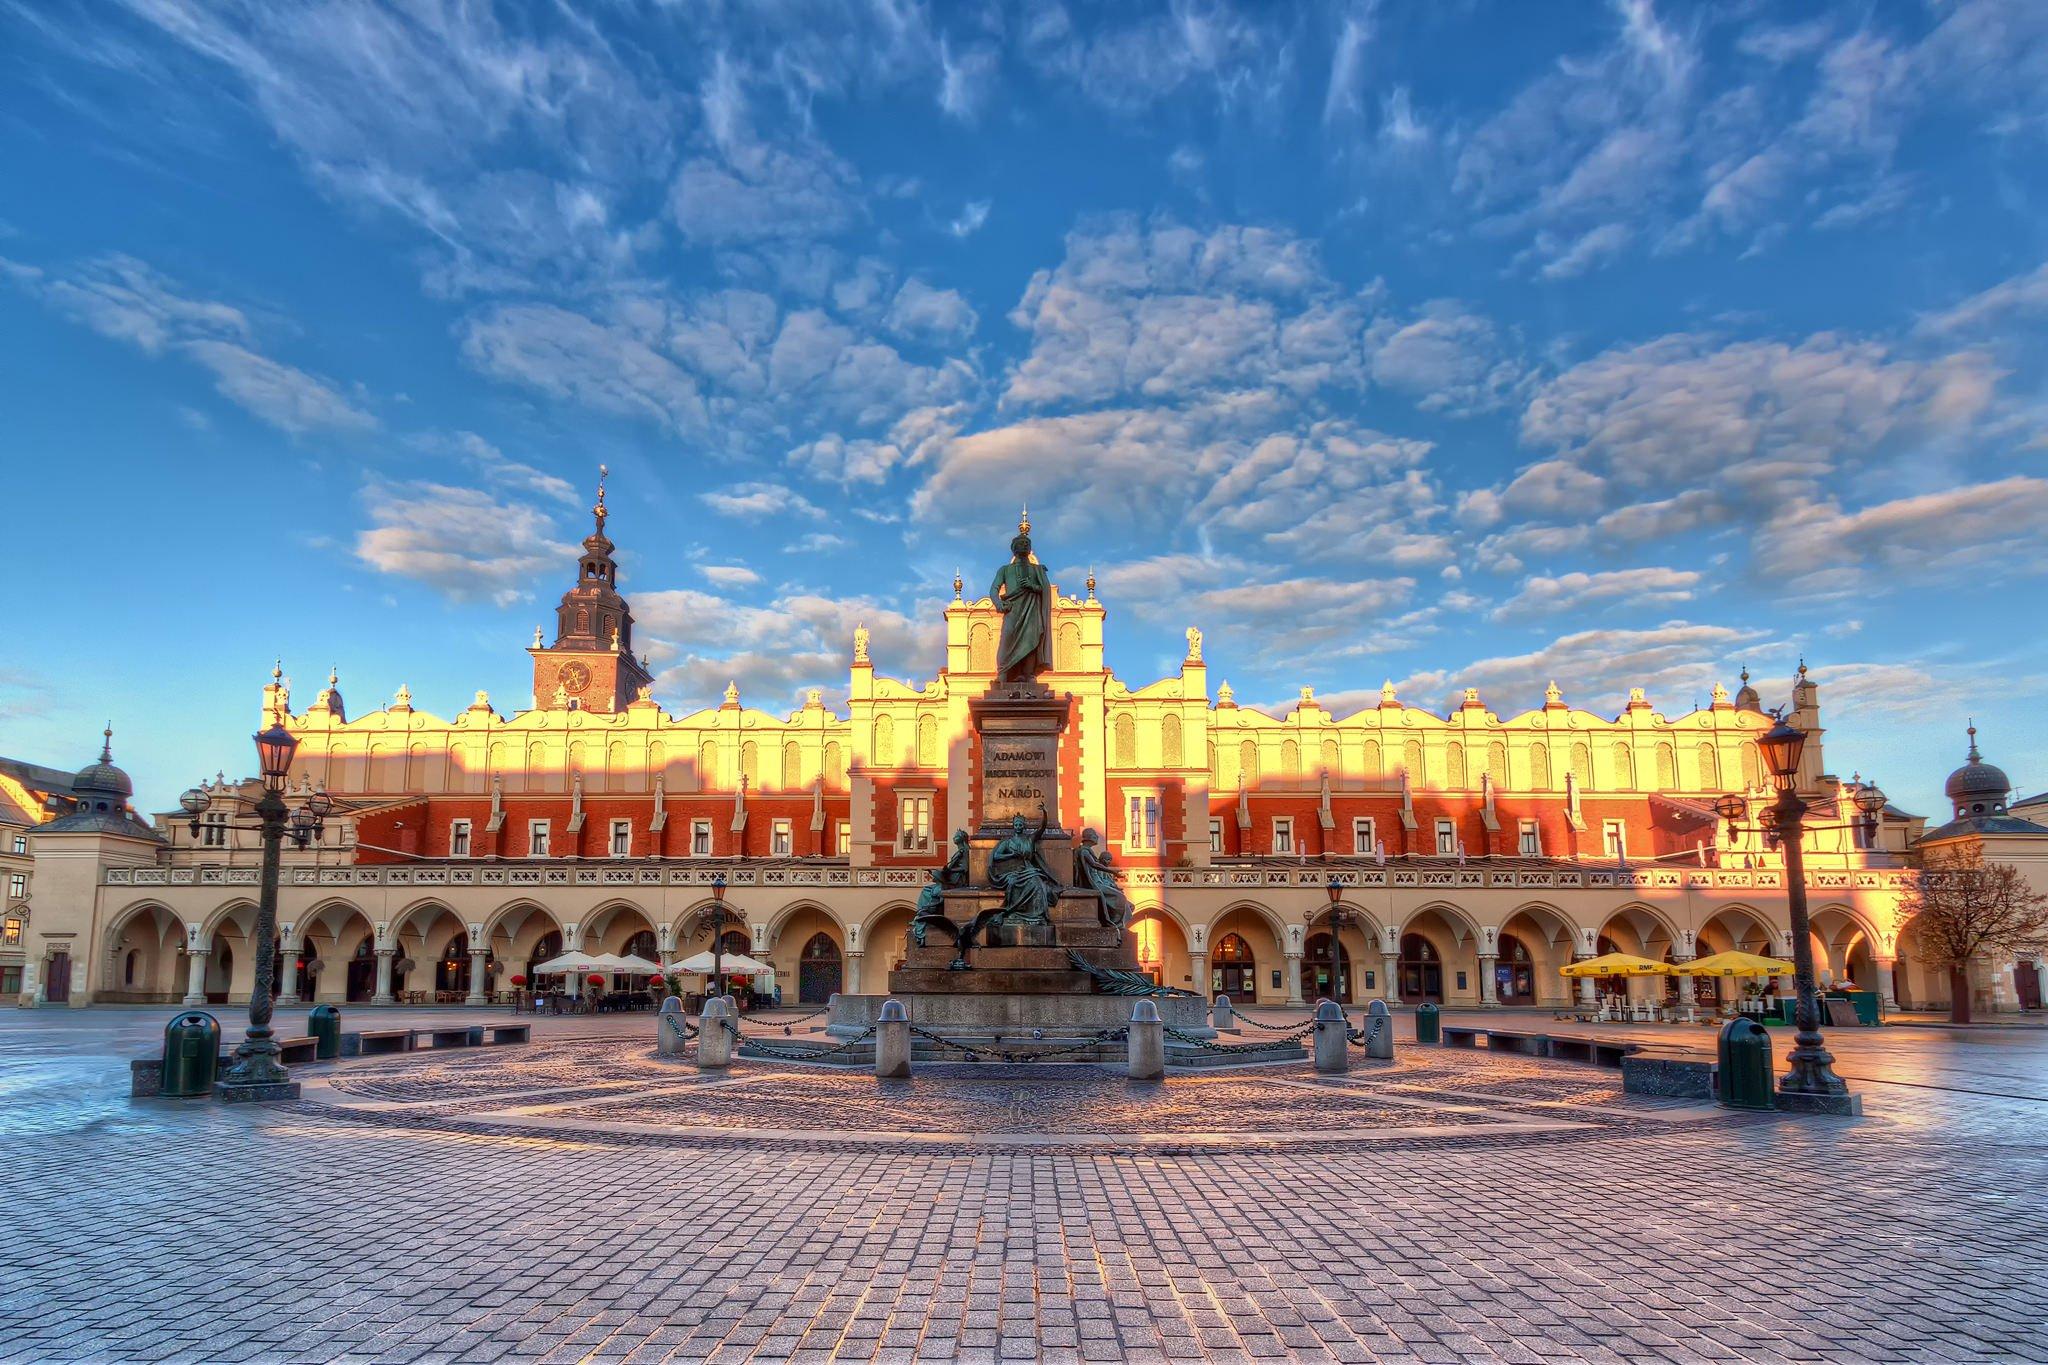 Het hoofdplein van Krakau (Rynek Główny). HDR-foto van Sukiennice en het Adam Mickiewicz-monument